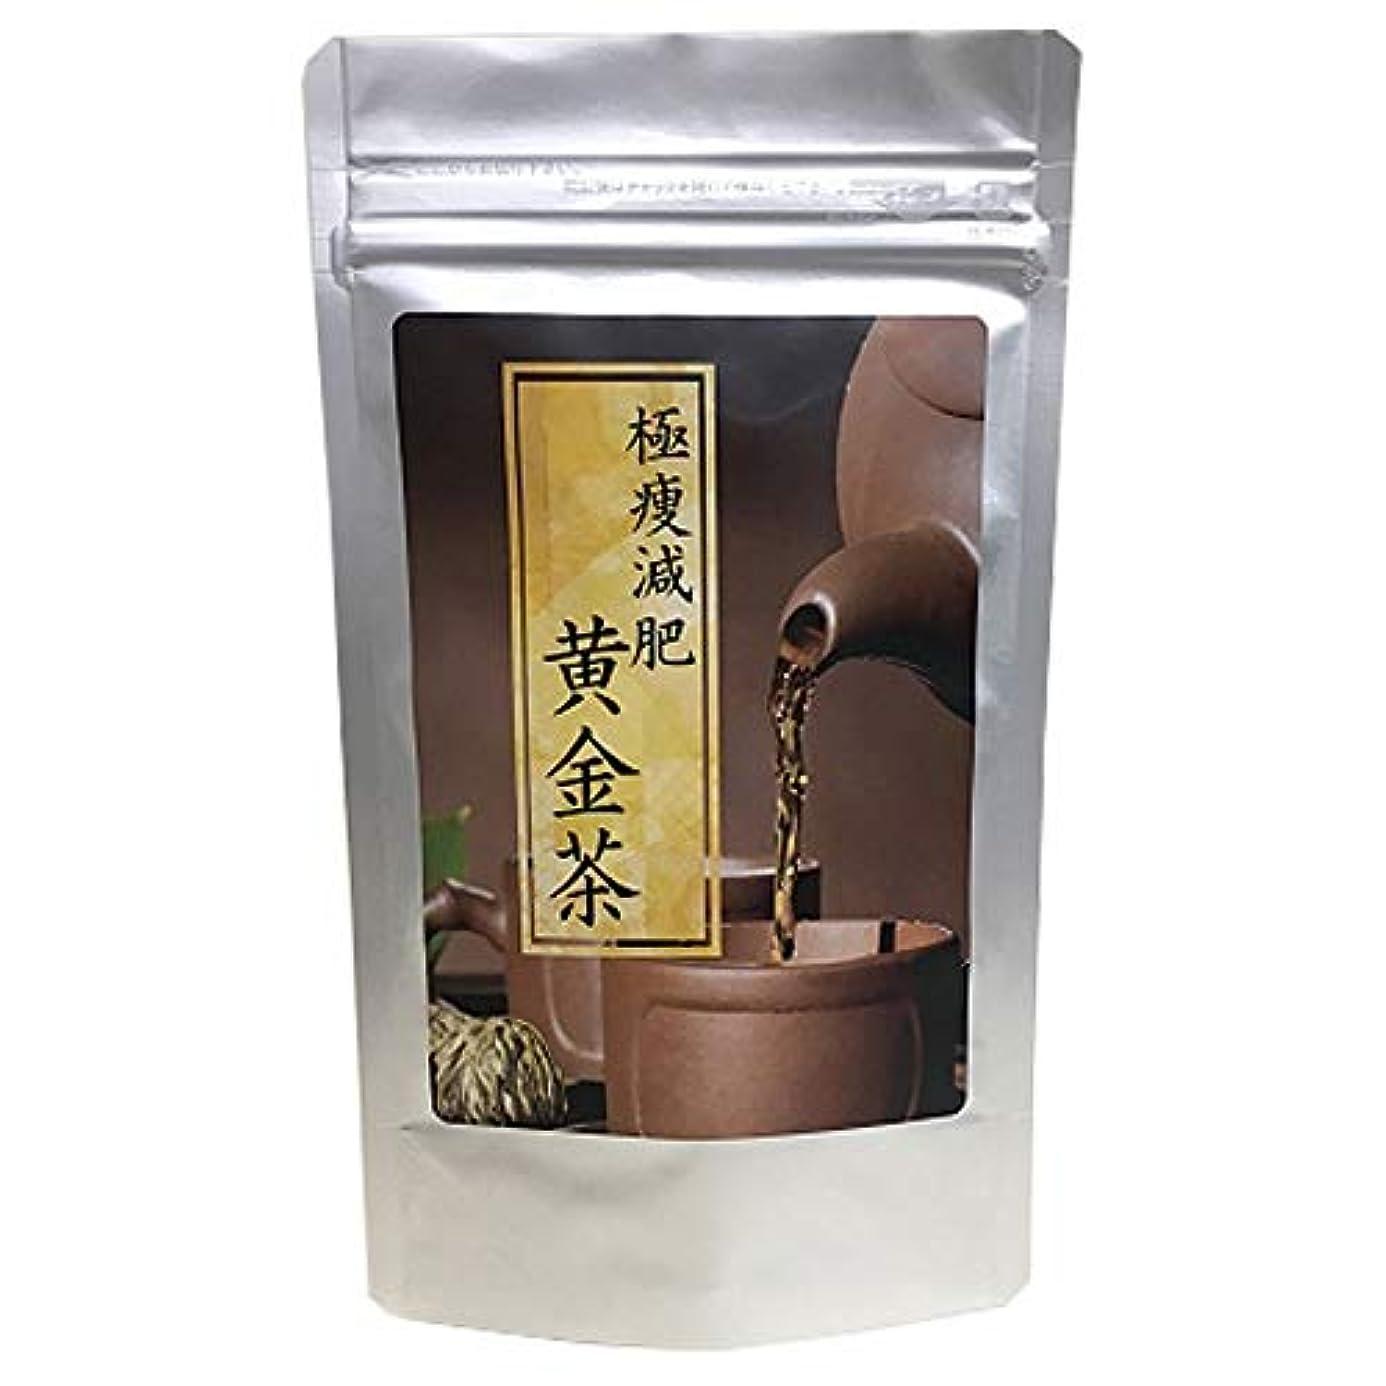 ダイエット検索エンジン最適化保守的極痩減肥黄金茶